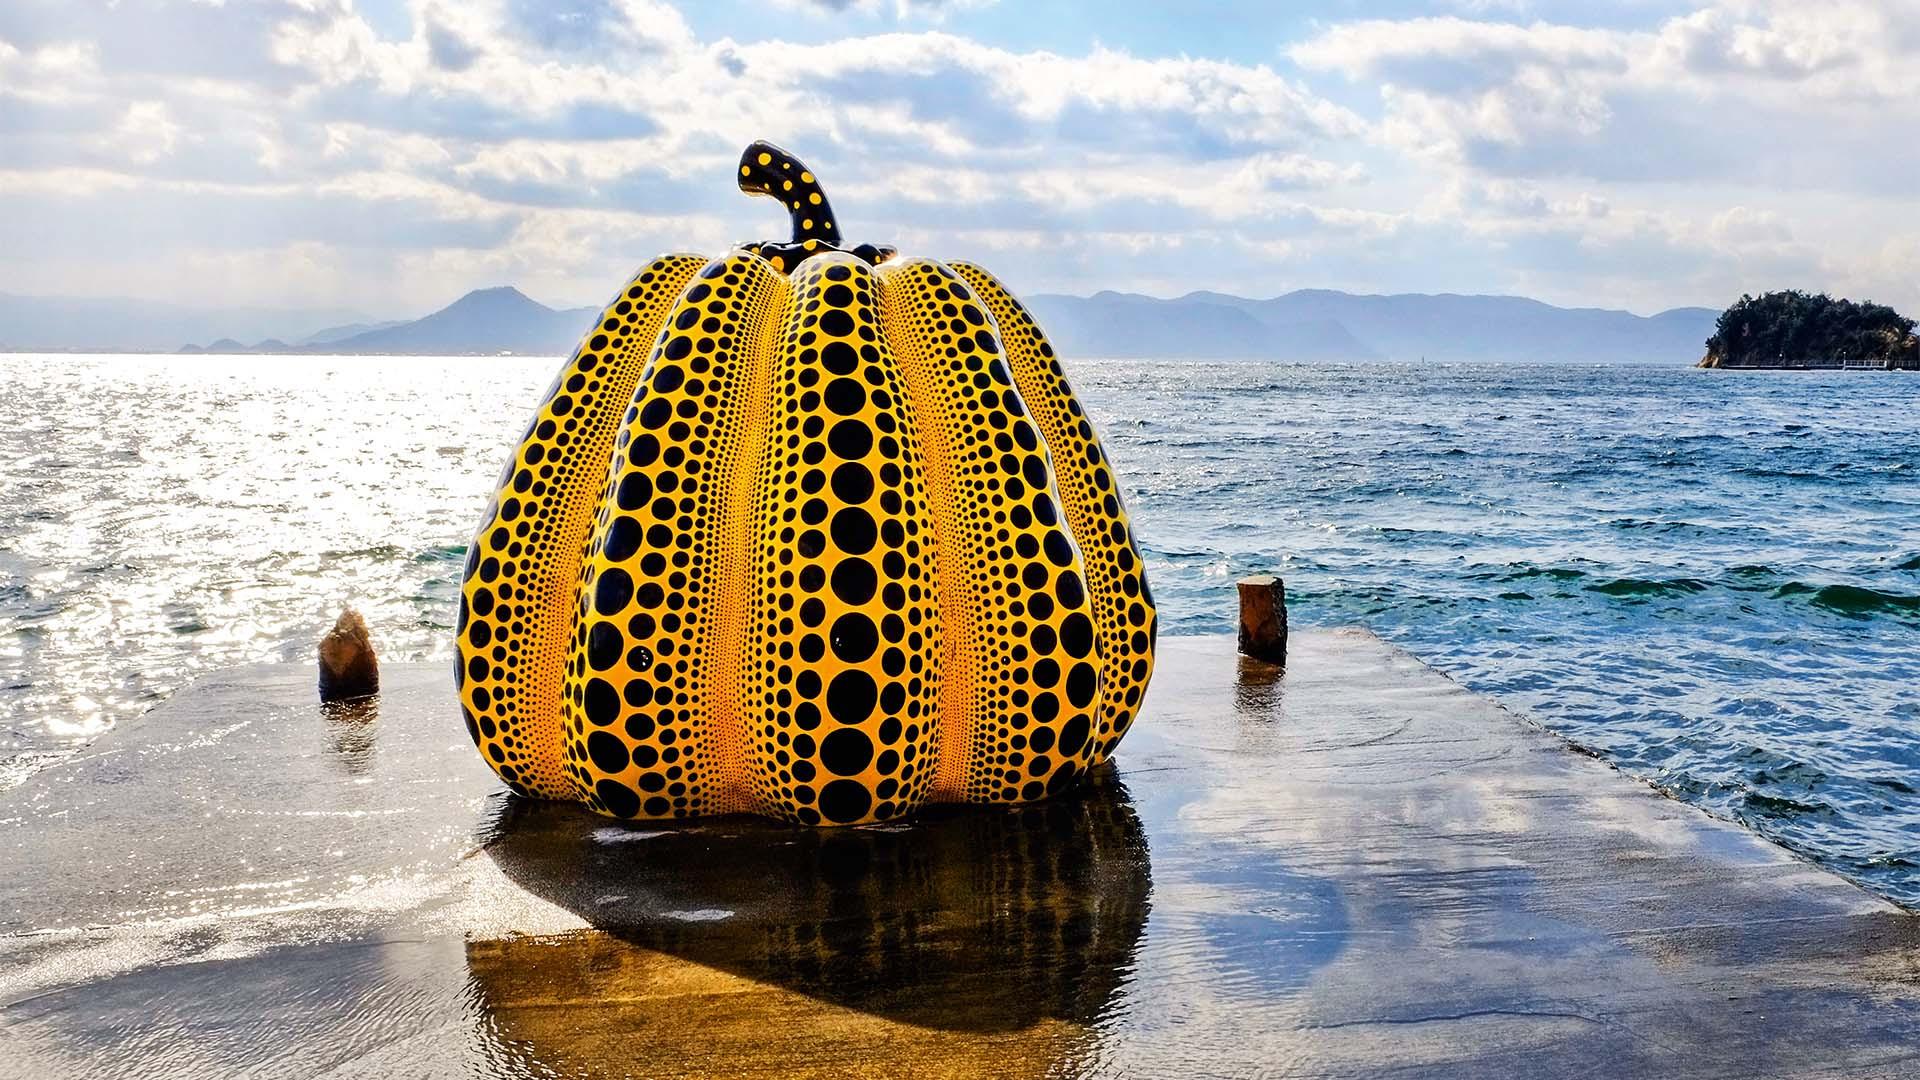 Yayoi Kusama's giant pumpkin sculpture in Naoshima